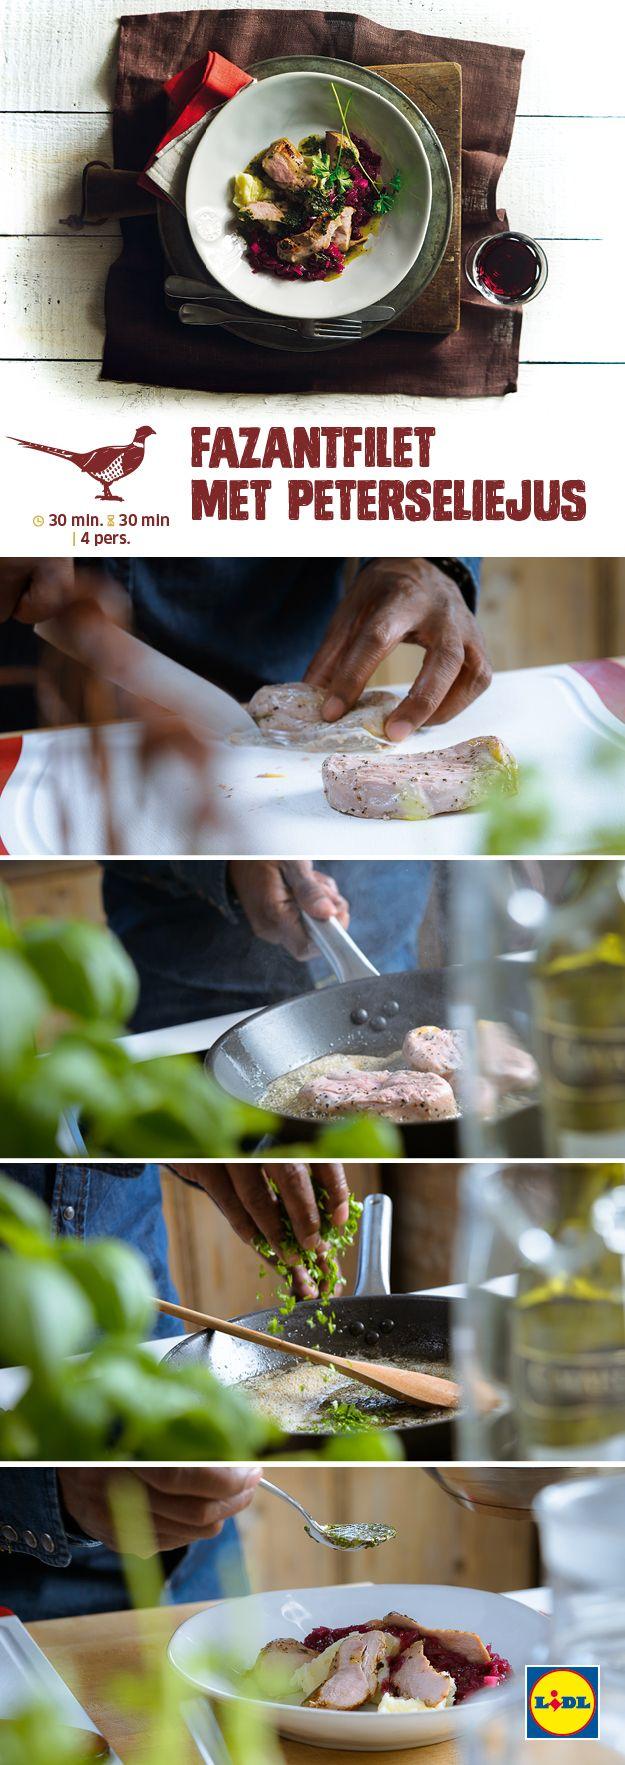 Deze fazantfilet met peterseliejus is gemakkelijk zelf te bereiden! Meer Wild & Wijn recepten ontdekken? Kijk op www.lidl.nl #wildenwijn #wijn #Lidl